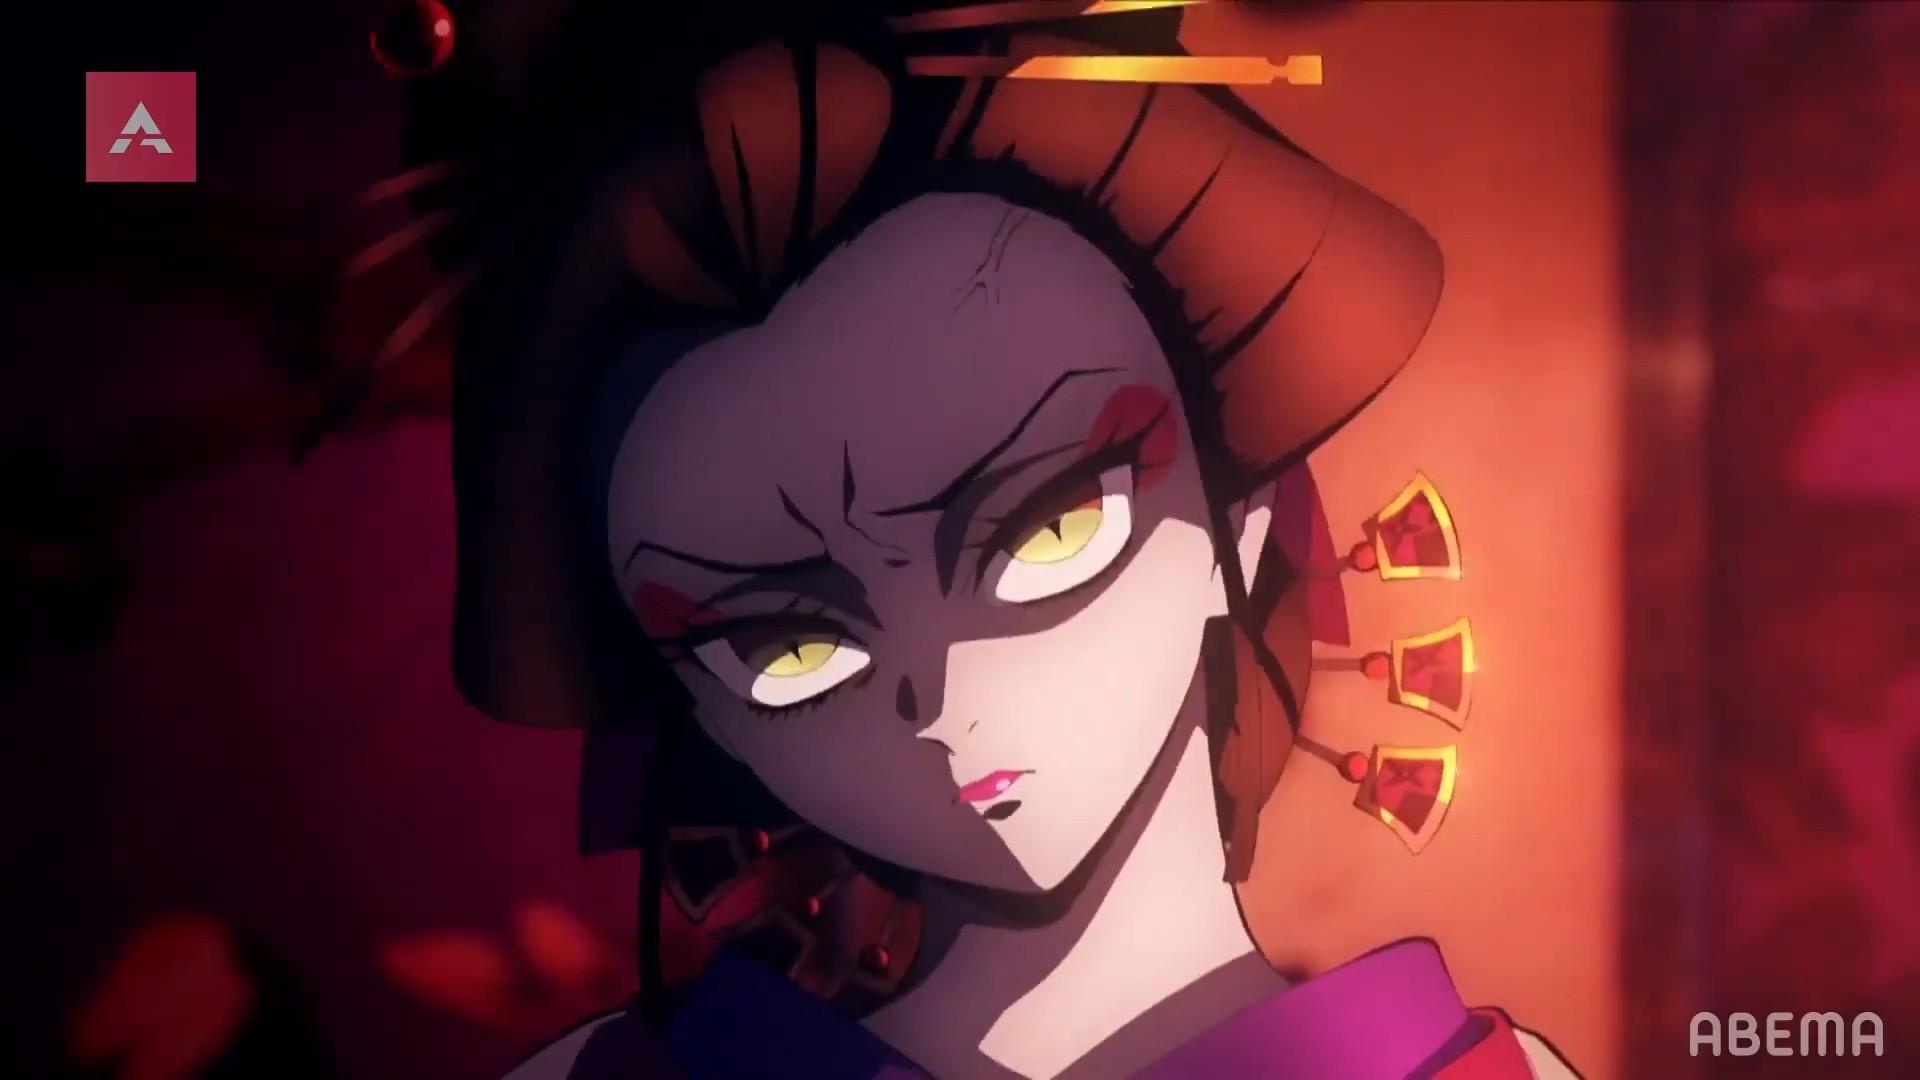 【动漫情报】TV动画《鬼灭之刃》第2季《游郭篇》制作决定PV公开!2021年內播出